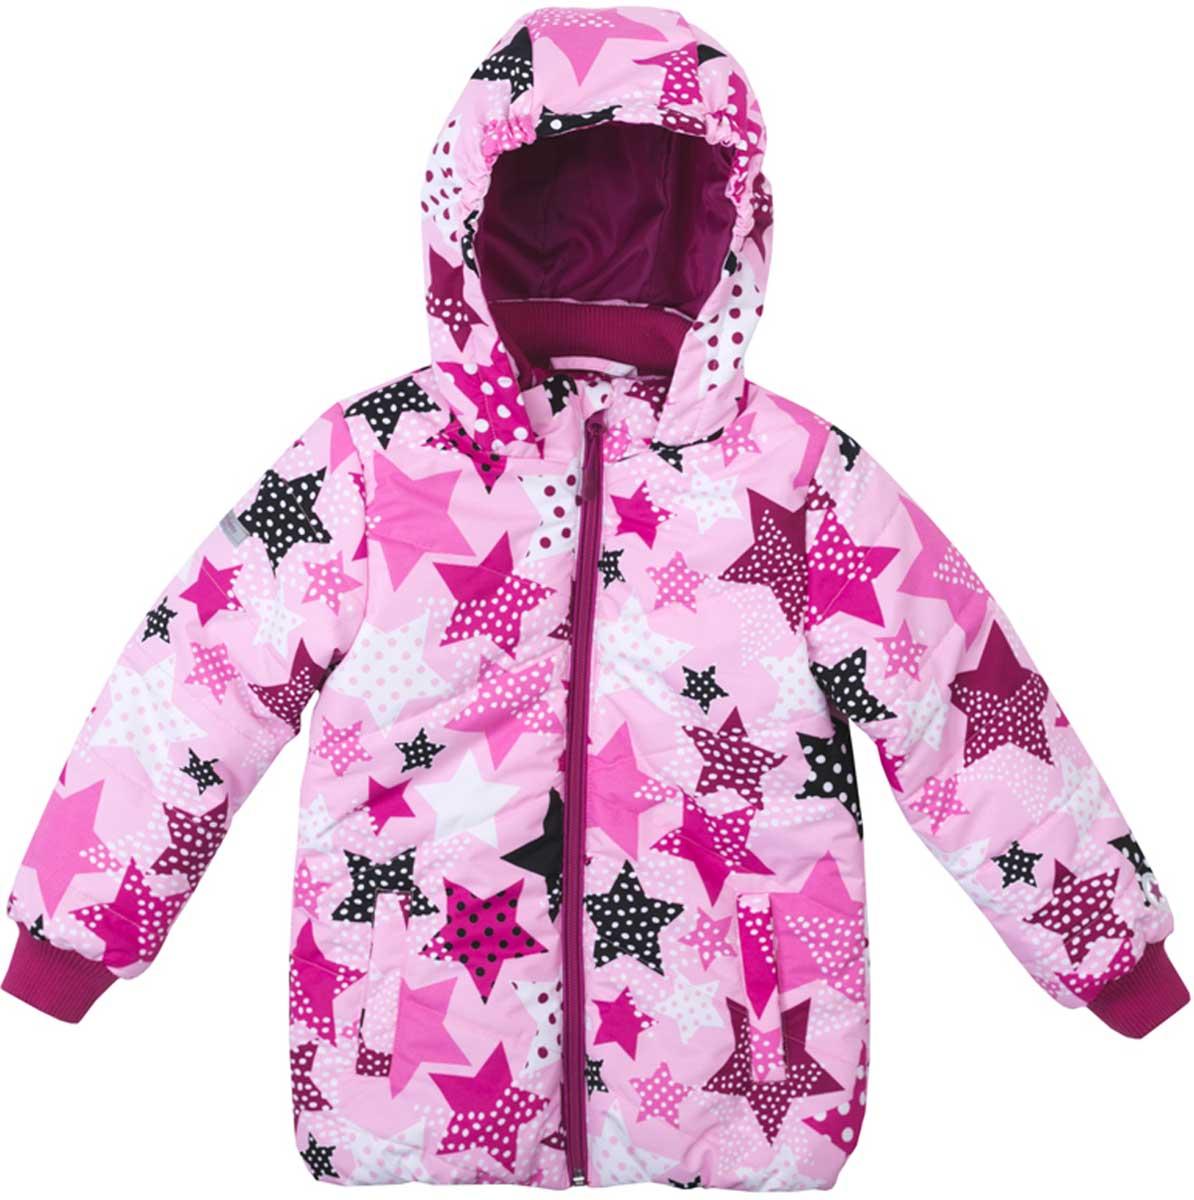 Куртка для девочки PlayToday, цвет: светло-розовый, розовый, белый, черный. 172051. Размер 110172051Яркая стильная утепленная куртка со специальной водоотталкивающей пропиткой защитит вашего ребенка в любую погоду! Мягкие трикотажные резинки на рукавах защитят вашего ребенка - ветер не сможет проникнуть под куртку. Специальный карман для фиксации застежки-молнии не позволит застежке травмировать нежную детскую кожу. За счет мягких резинок, капюшон не упадет с головы даже во время активных игр. Светоотражатели на рукаве и по низу изделия позволят видеть вашего ребенка даже в темное время суток.